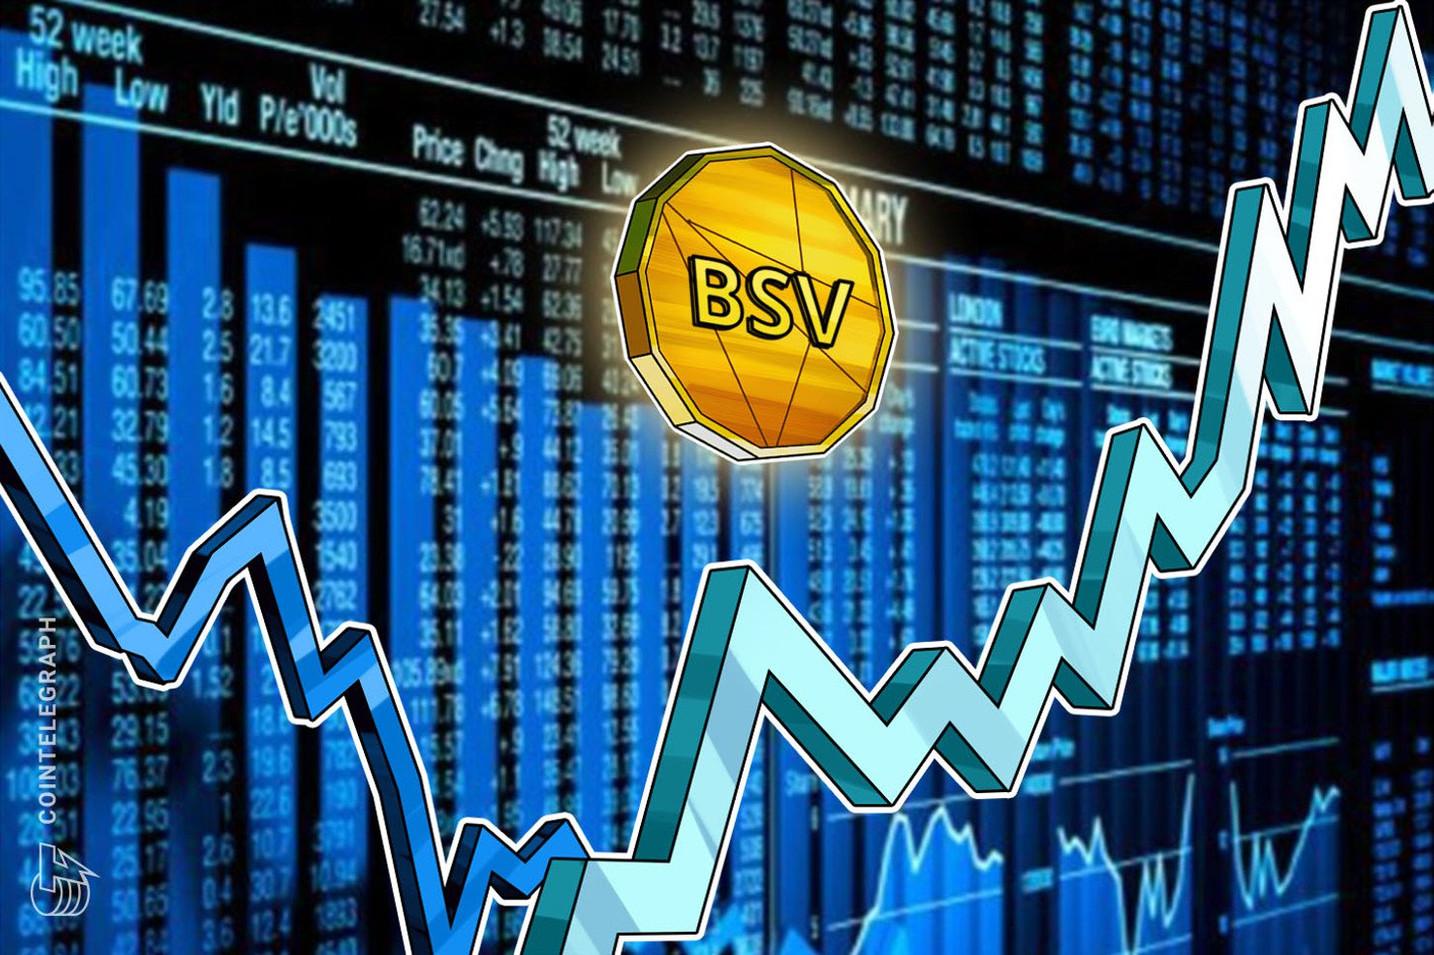 仮想通貨ビットコインSVの上場廃止 米中の取引所で対応分かれる